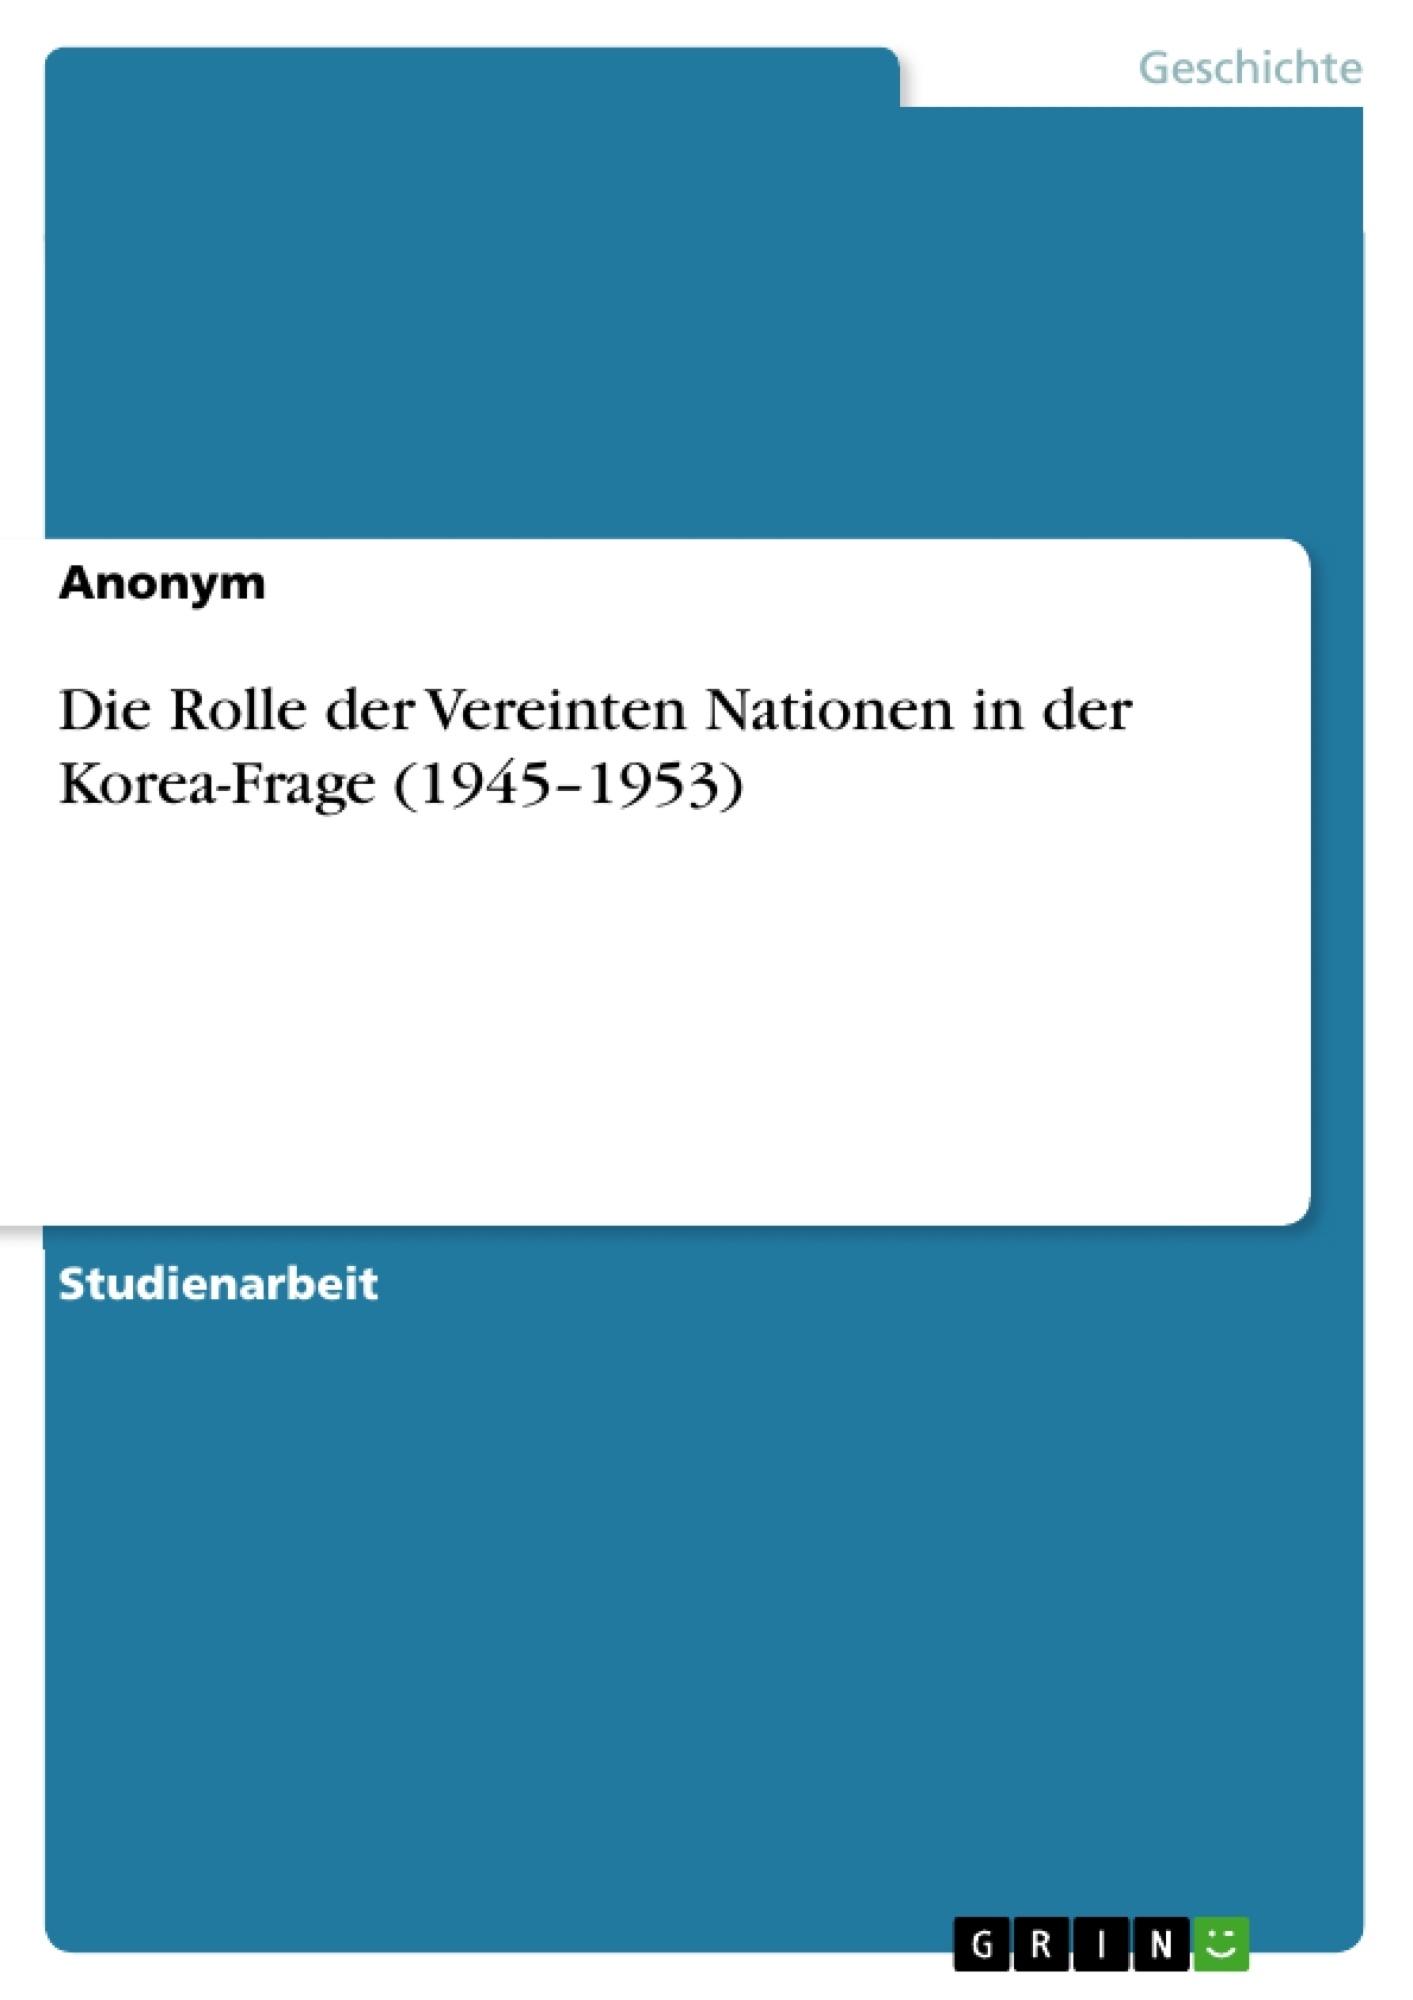 Titel: Die Rolle der Vereinten Nationen in der Korea-Frage (1945–1953)